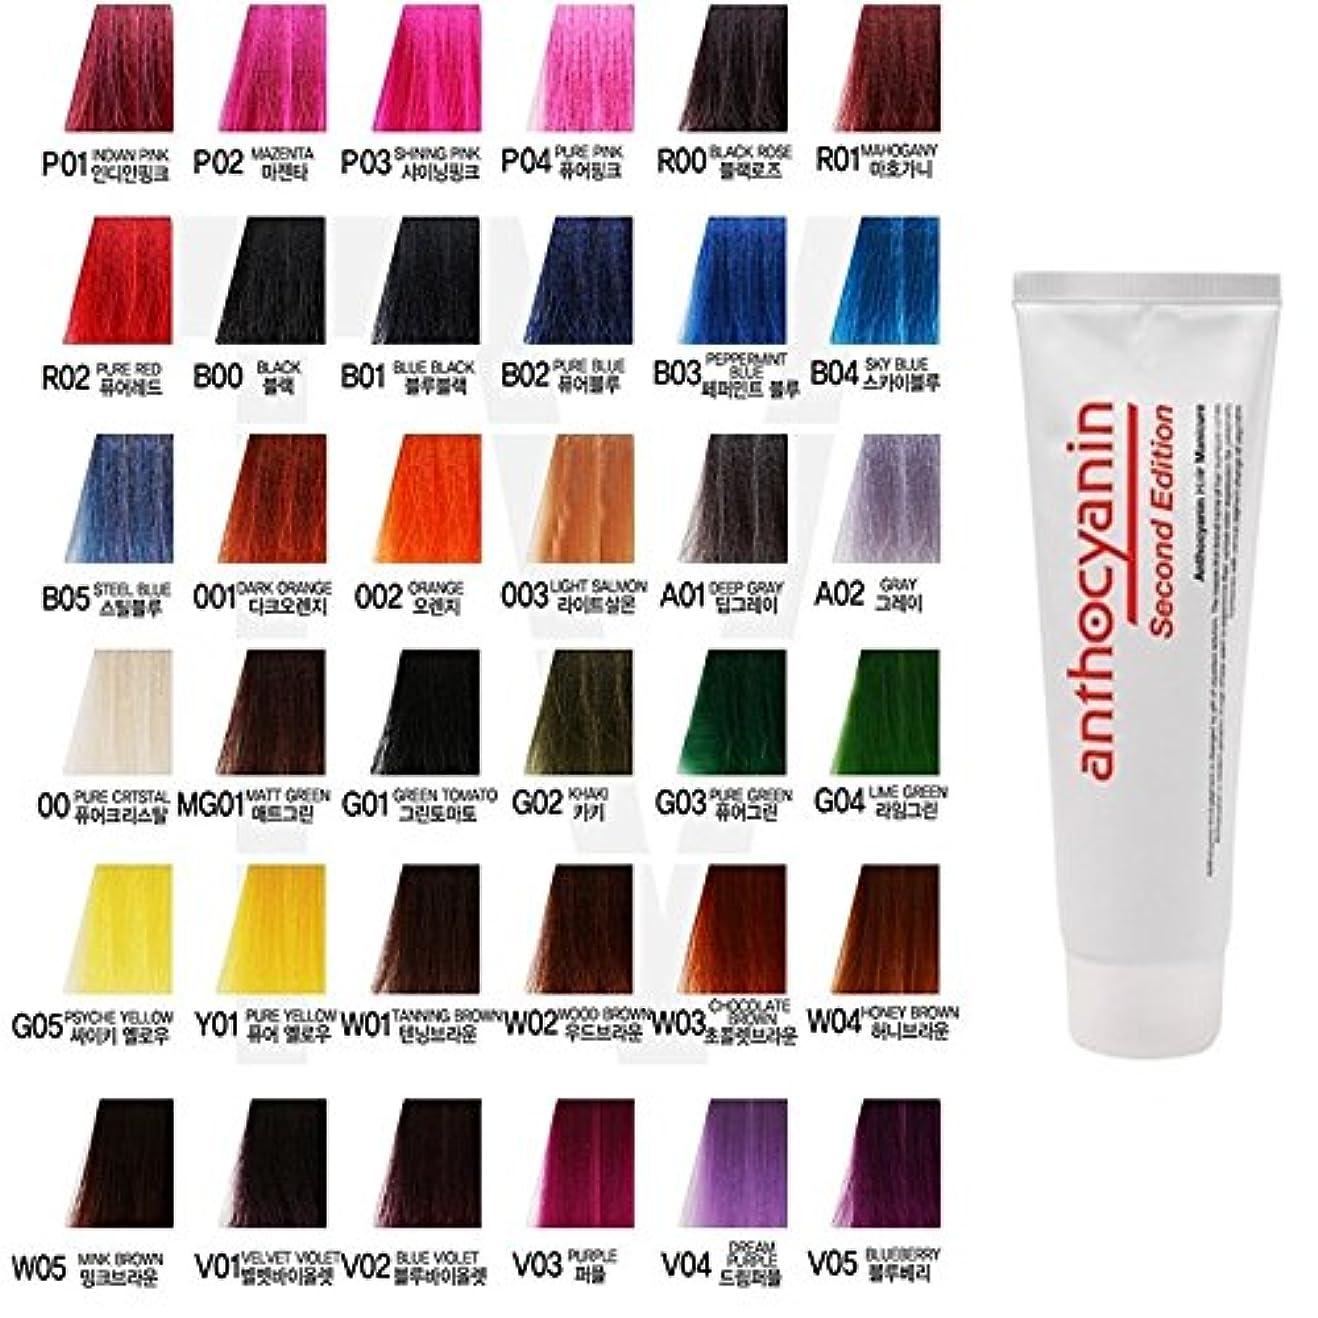 スカウト篭酔っ払いヘア マニキュア カラー セカンド エディション 230g セミ パーマネント 染毛剤 ( Hair Manicure Color Second Edition 230g Semi Permanent Hair Dye) [並行輸入品] (004 Pure Crystal)